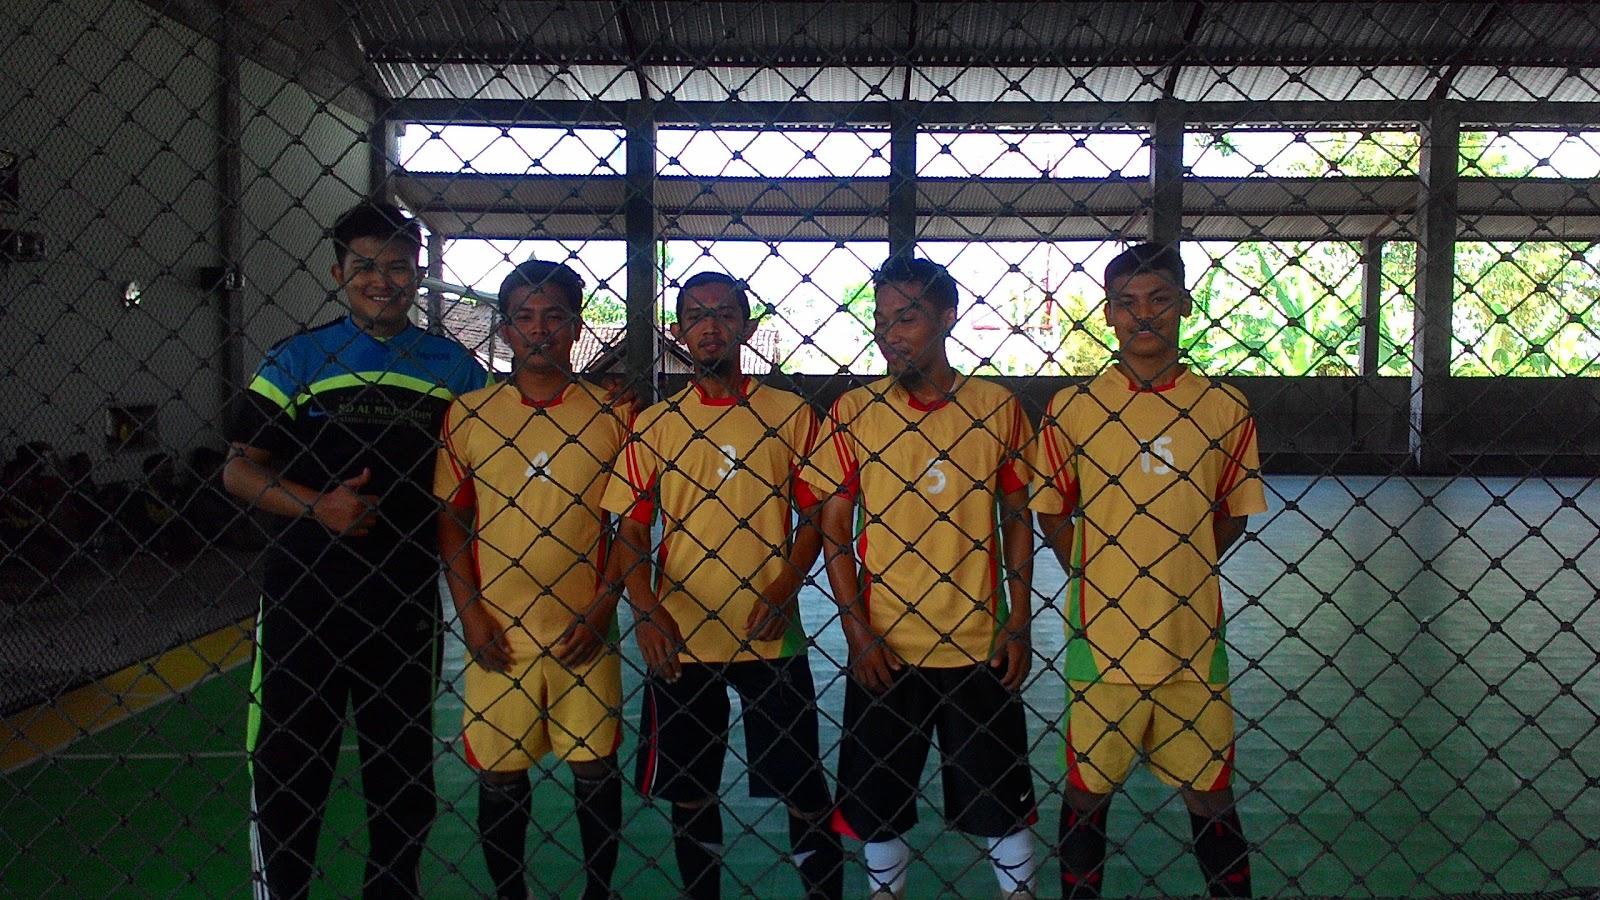 Identifikasi Cedera Pada Pemain Futsal Pendidikan Jasmani Dan